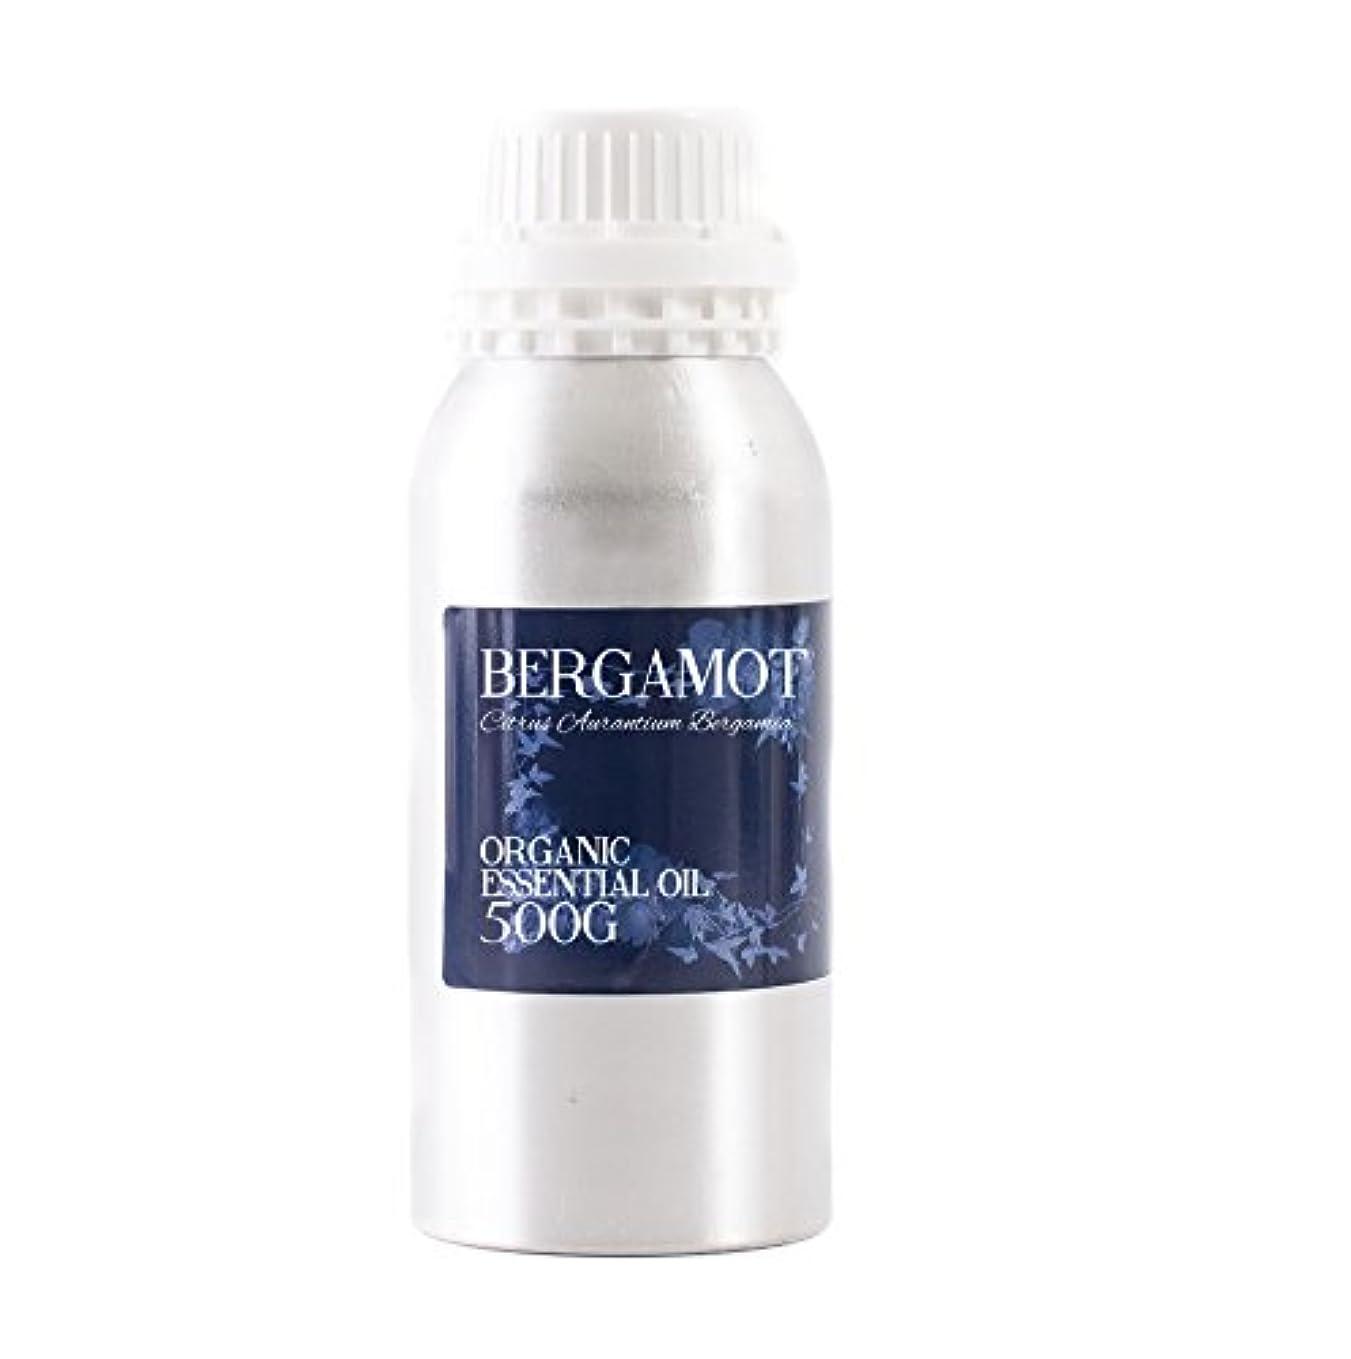 取り付け開始酸っぱいMystic Moments | Bergamot Organic Essential Oil - 500g - 100% Pure